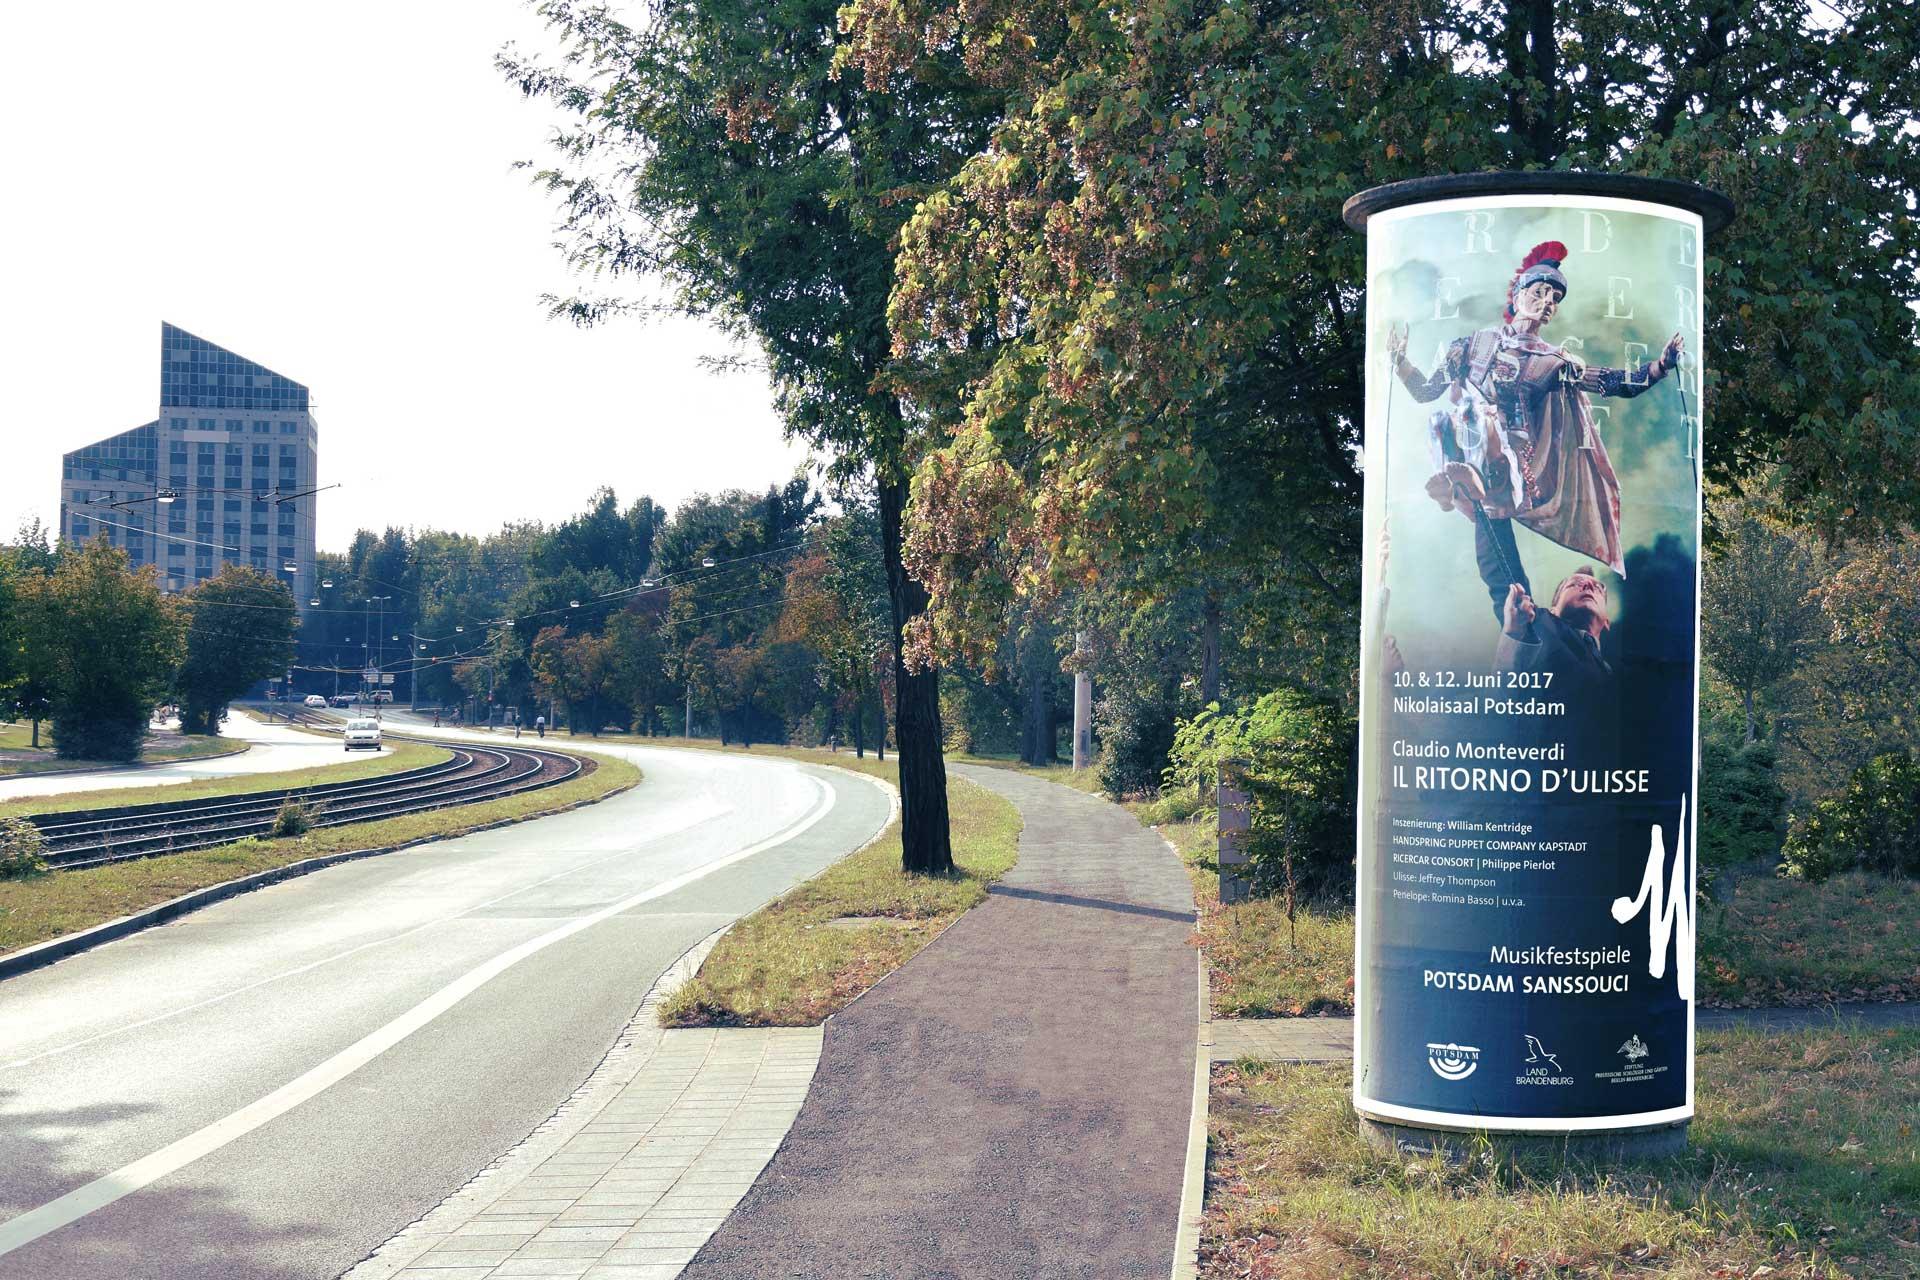 Musikfestspiele Potsdam Plakatmotiv Litfass